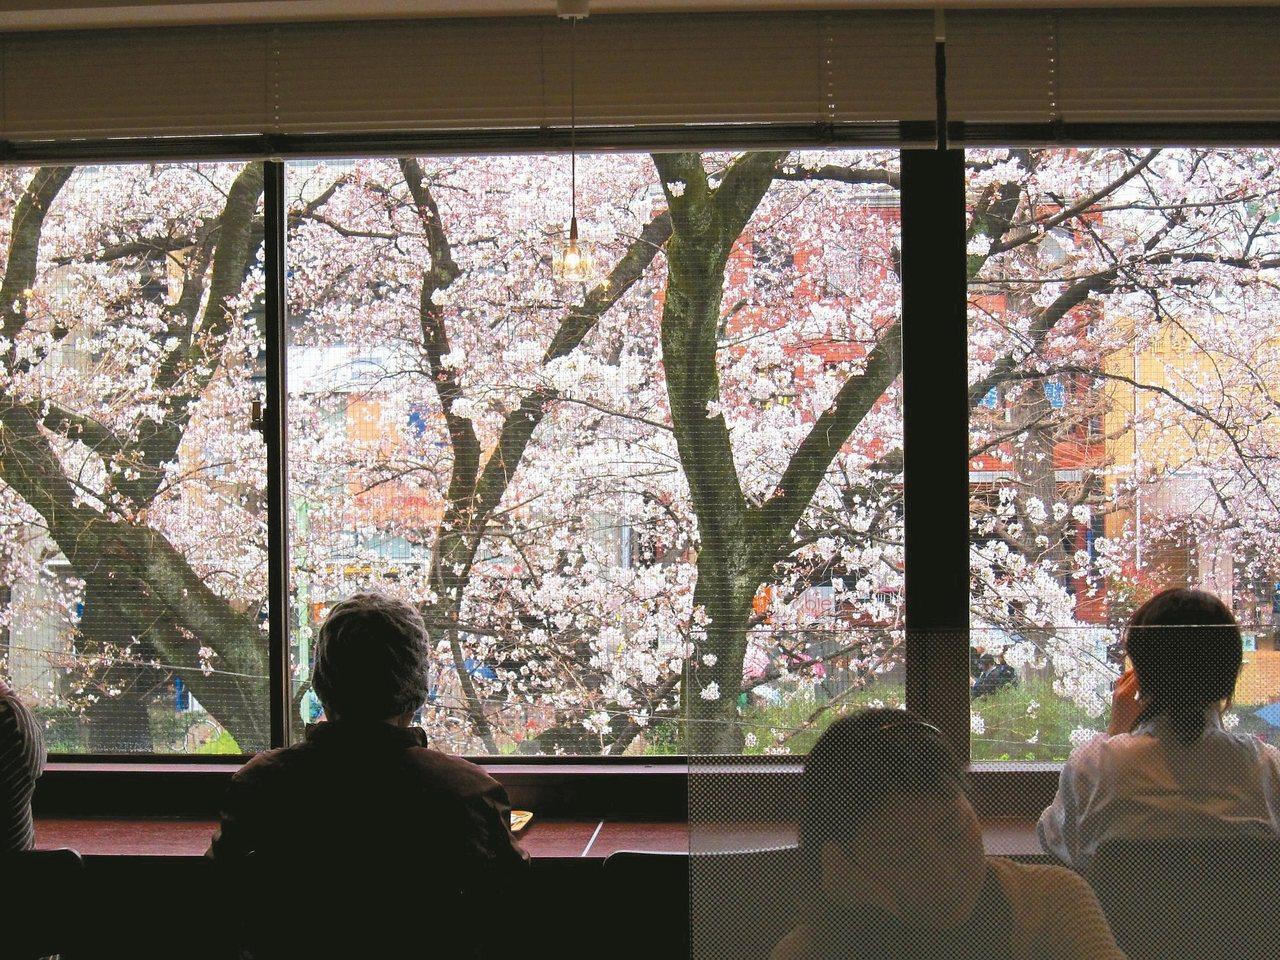 大地回暖,櫻花盛開,聚焦了人們的眼光。 黃雅歆/圖片提供